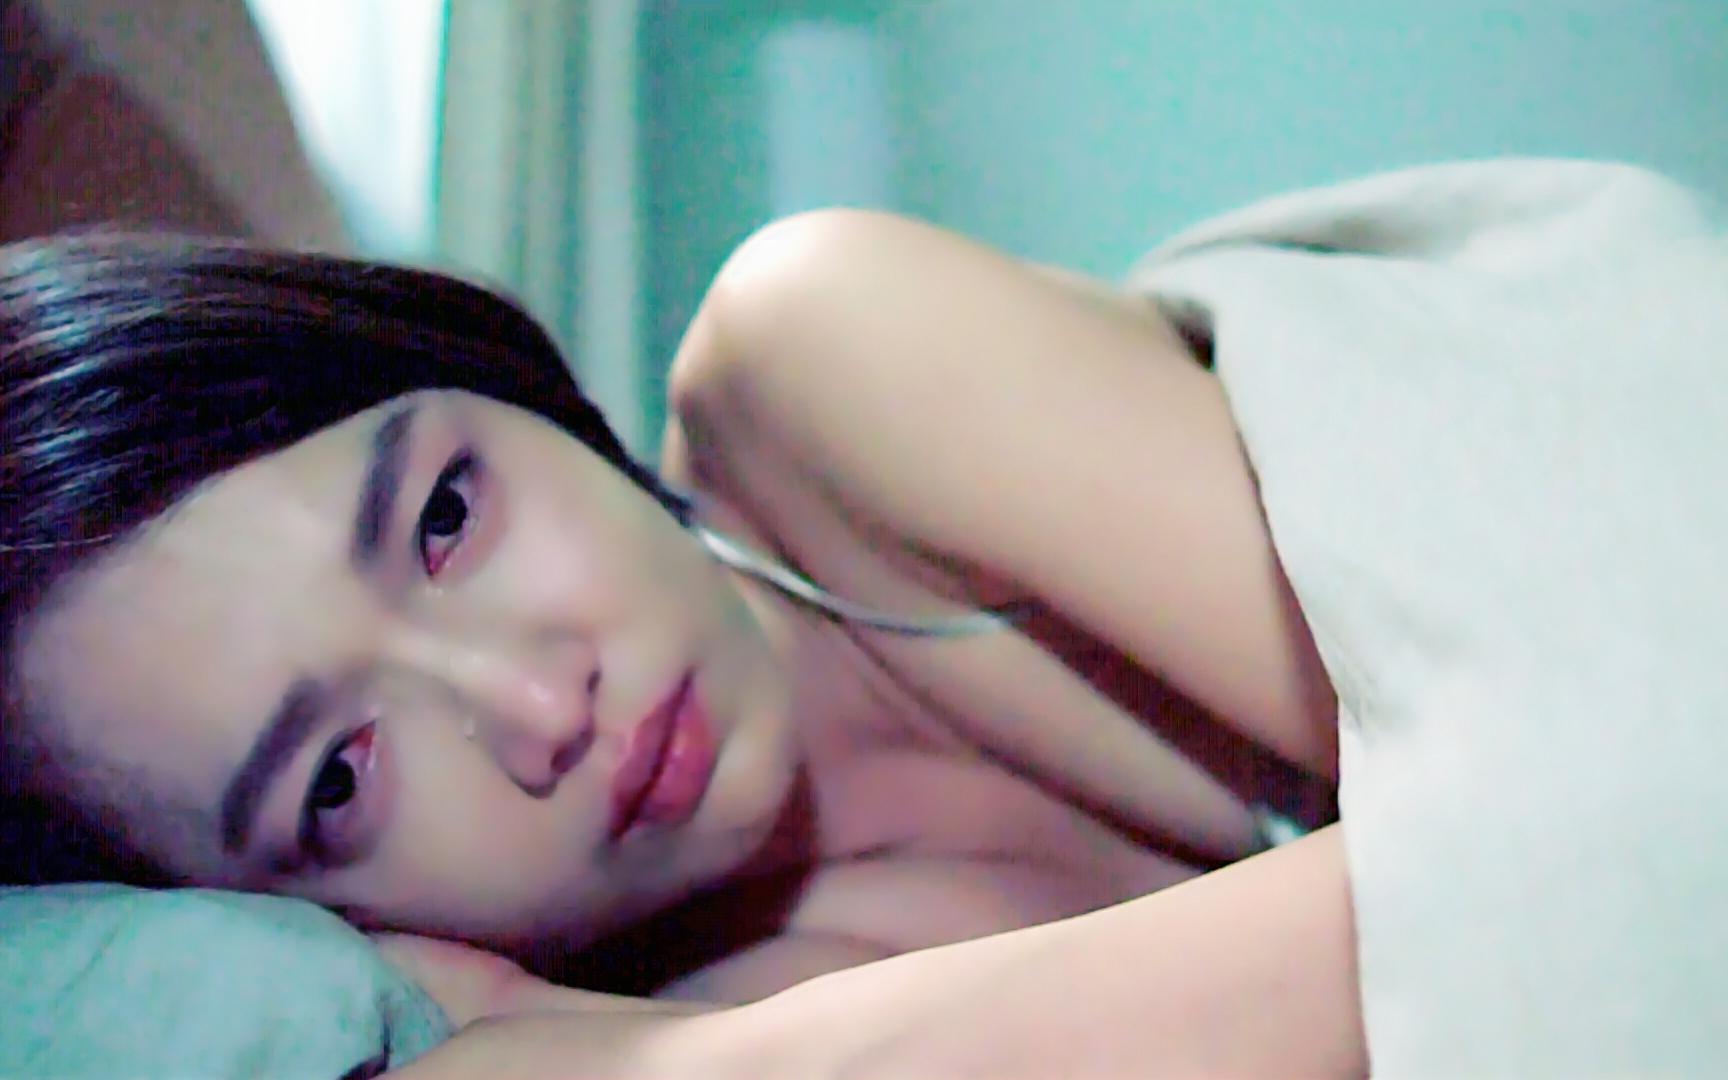 韩国电影《善良的妻子》,女人狠起来,一个比一个吓人